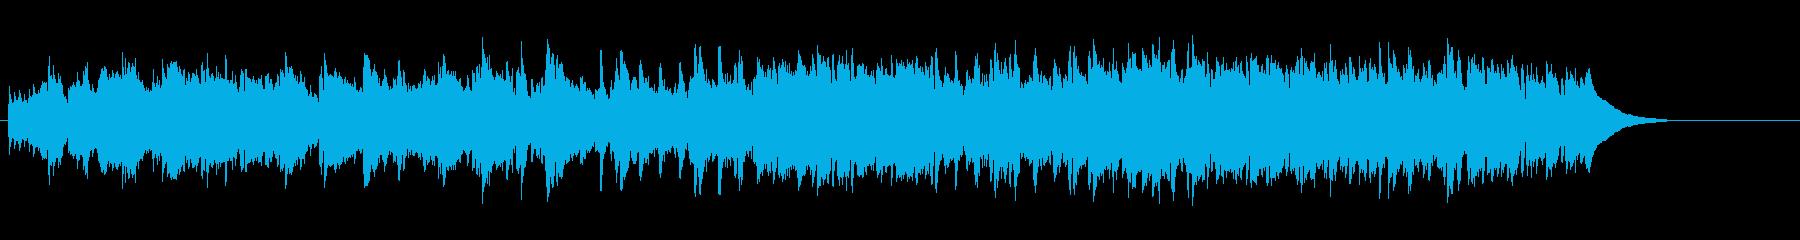 おセンチなヴェルヴェット・ポップスの再生済みの波形